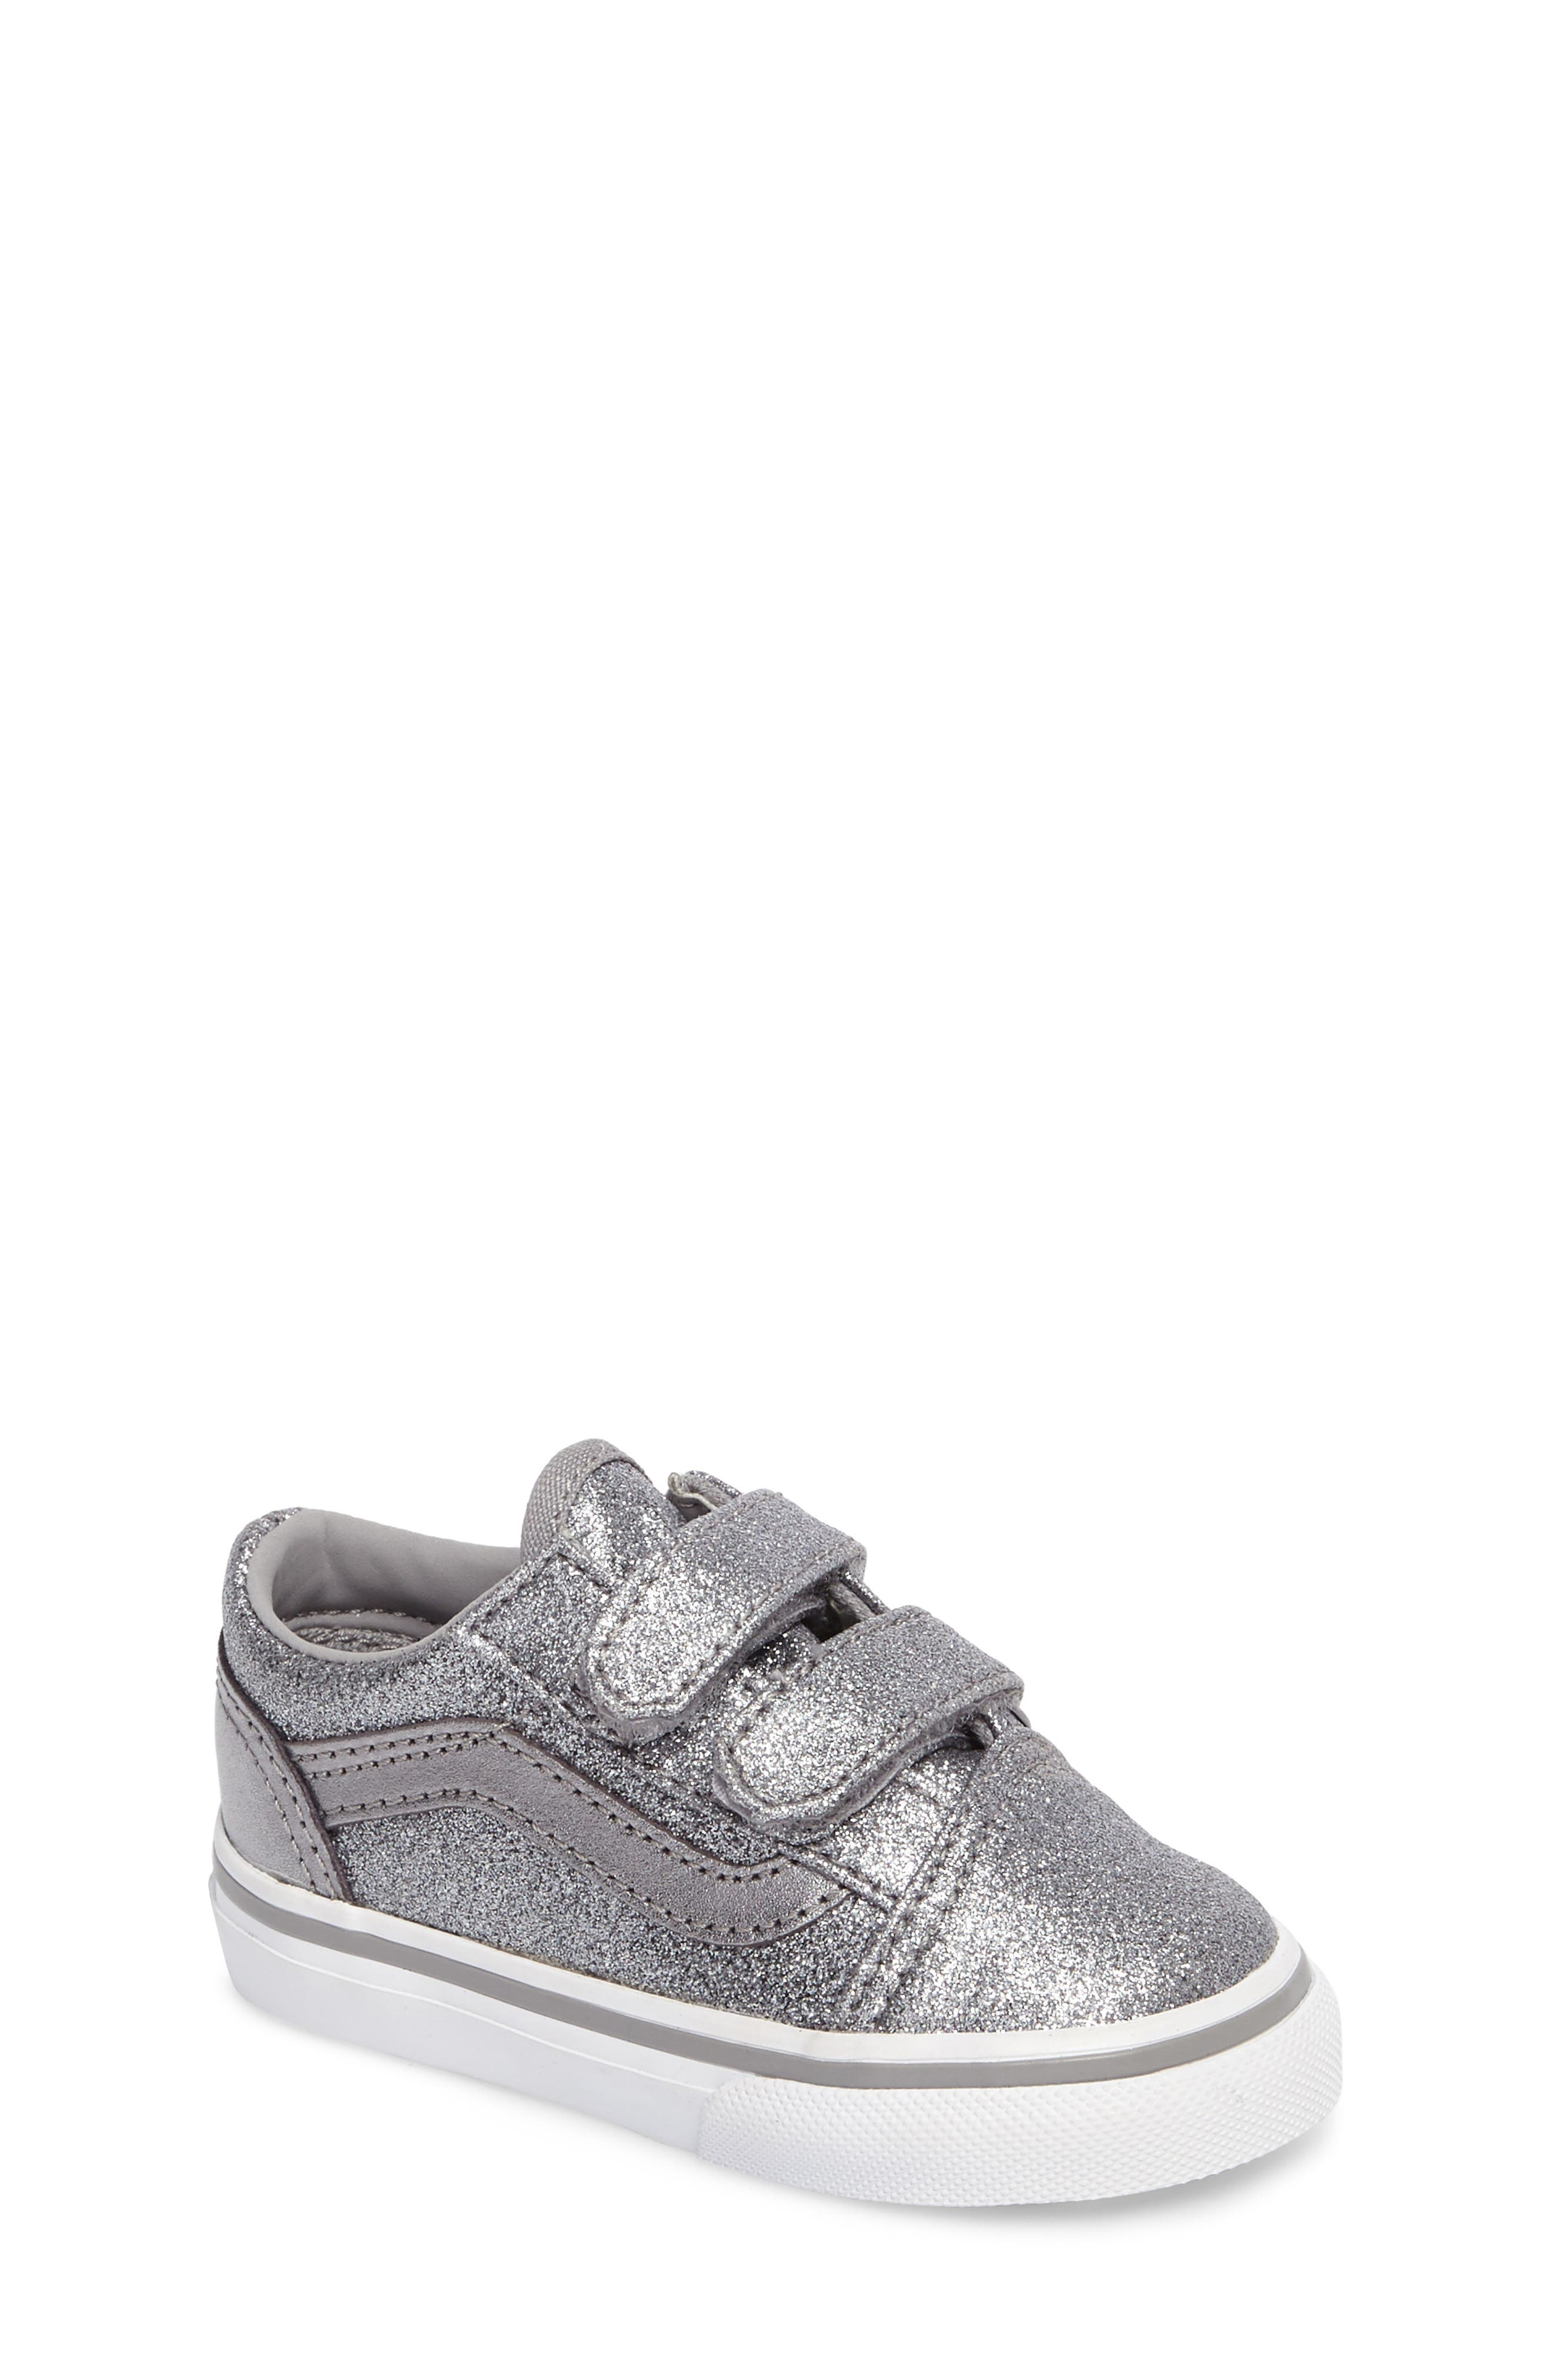 Old Skool V Glitter Sneaker,                             Main thumbnail 1, color,                             Glitter  Metallic Frost Gray